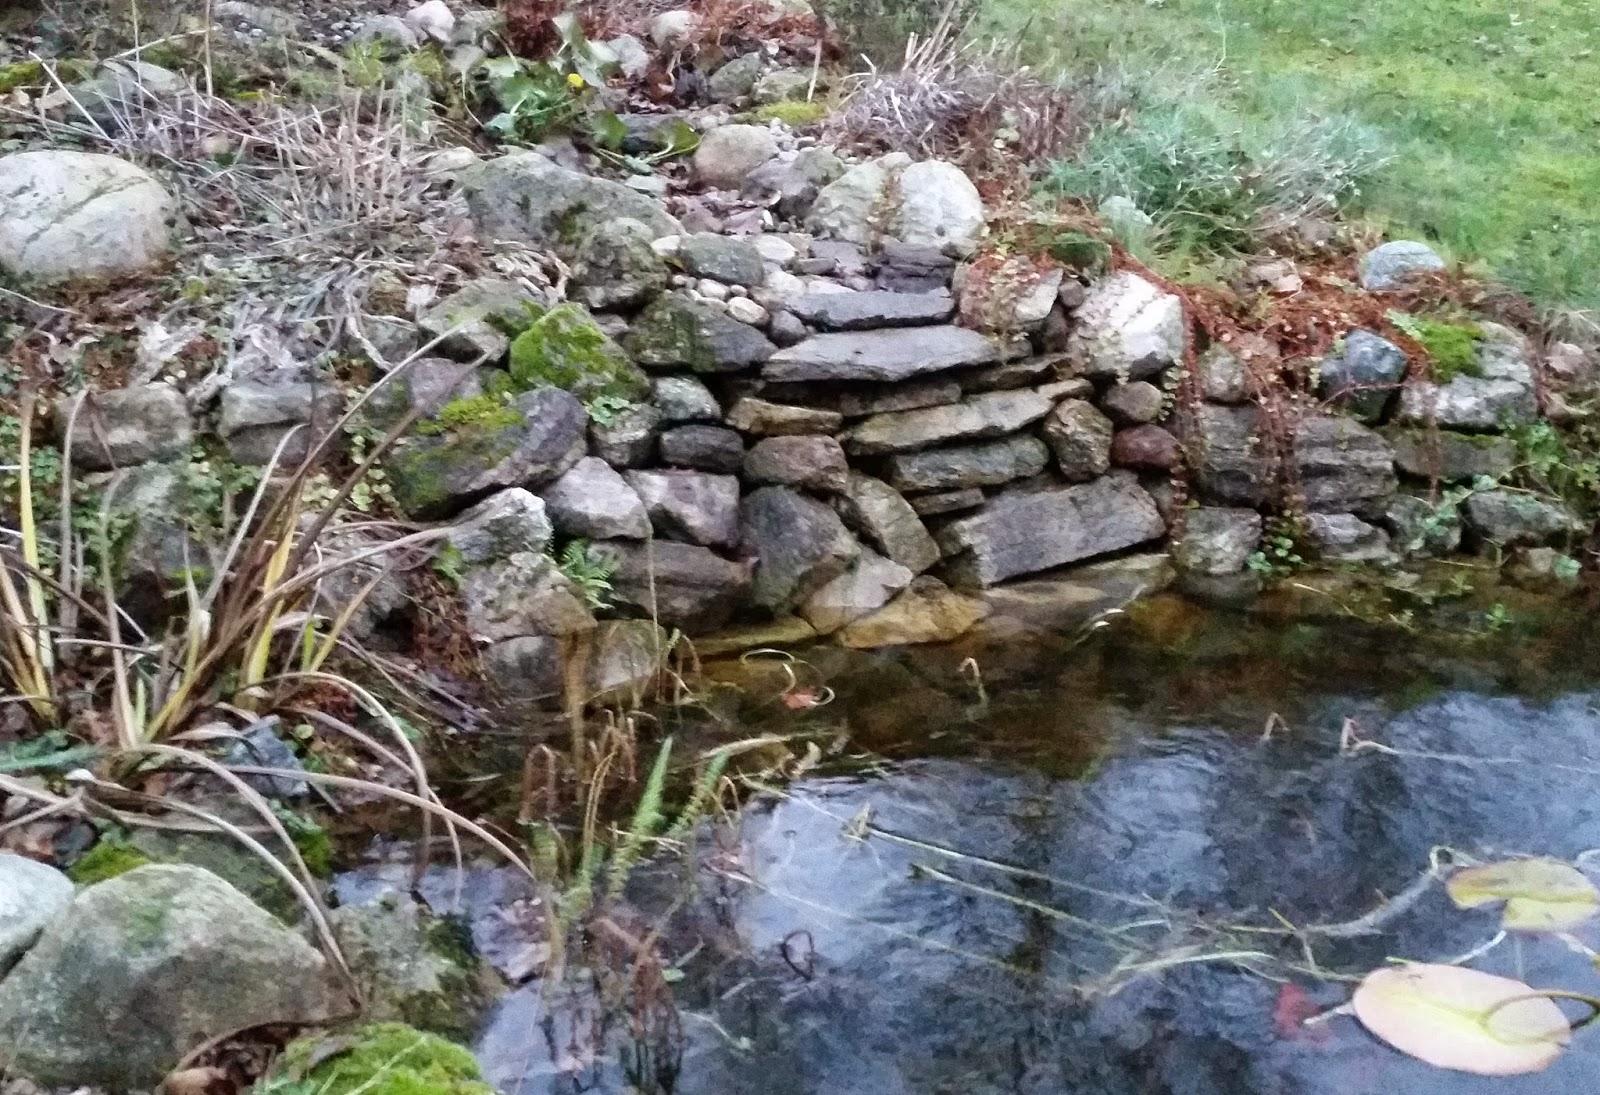 vattenfall utan vatten i trädgård